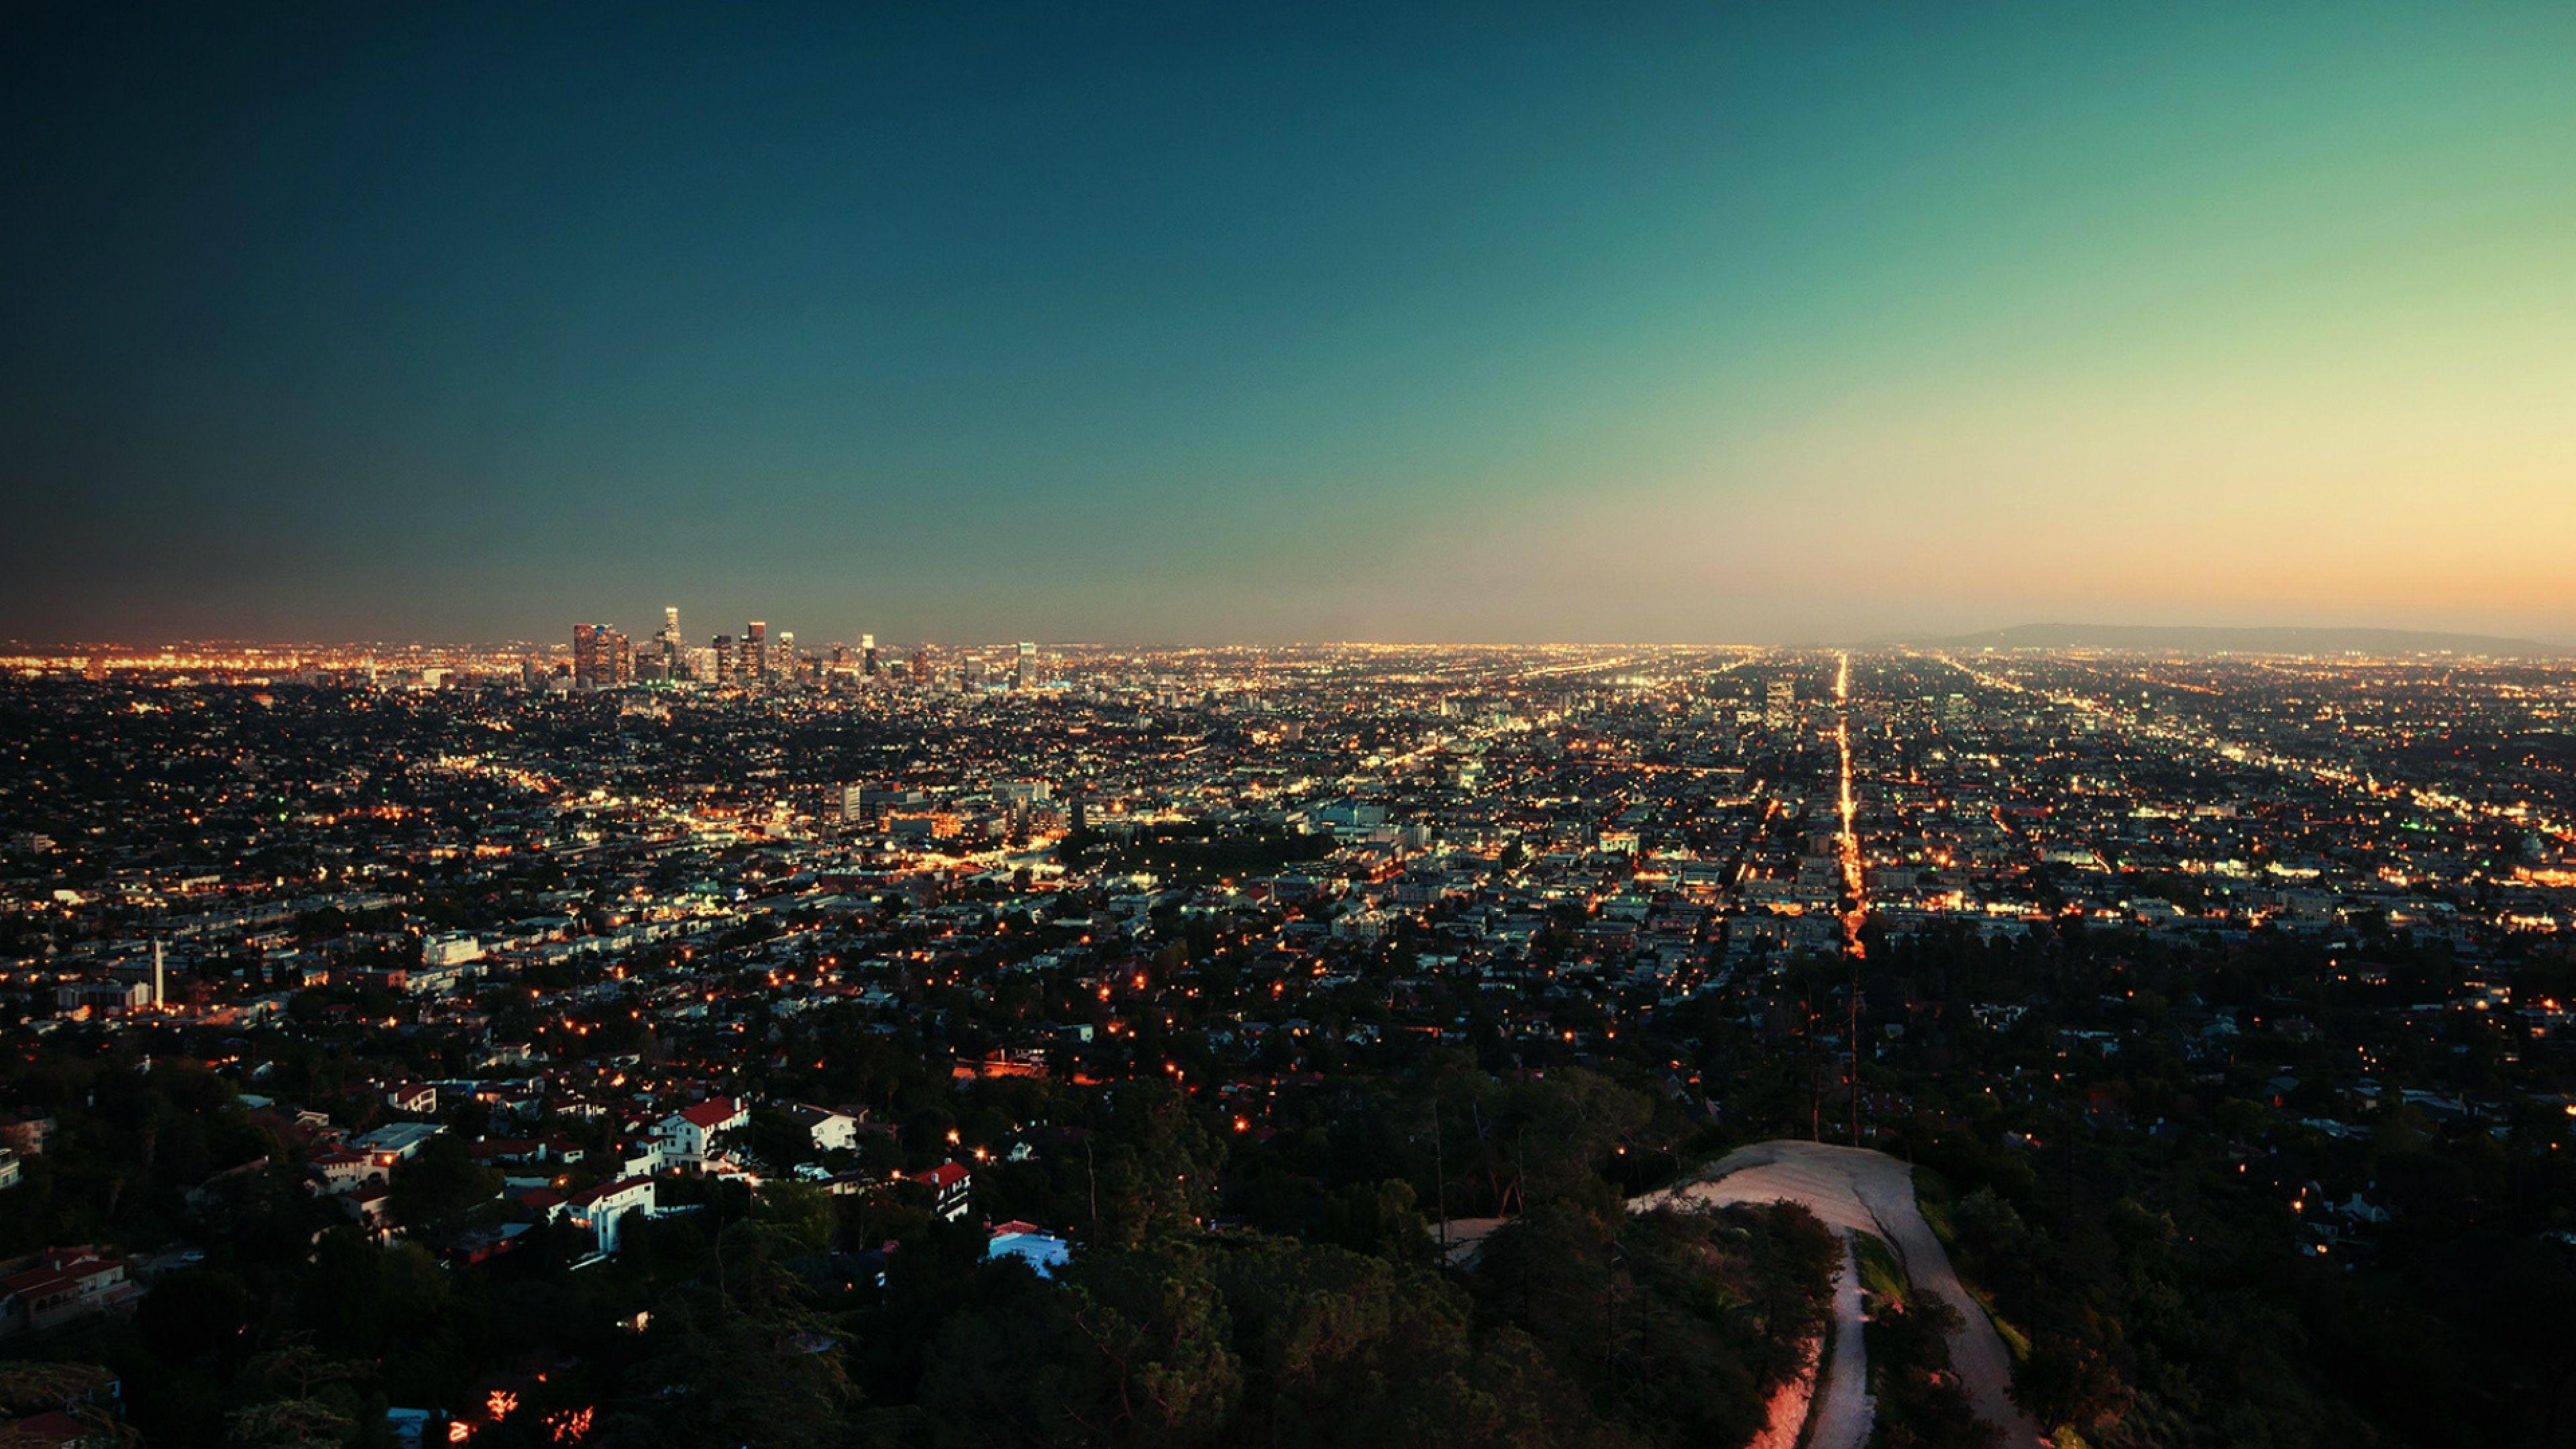 Los Angeles 4K Wallpaper WallpaperSafari